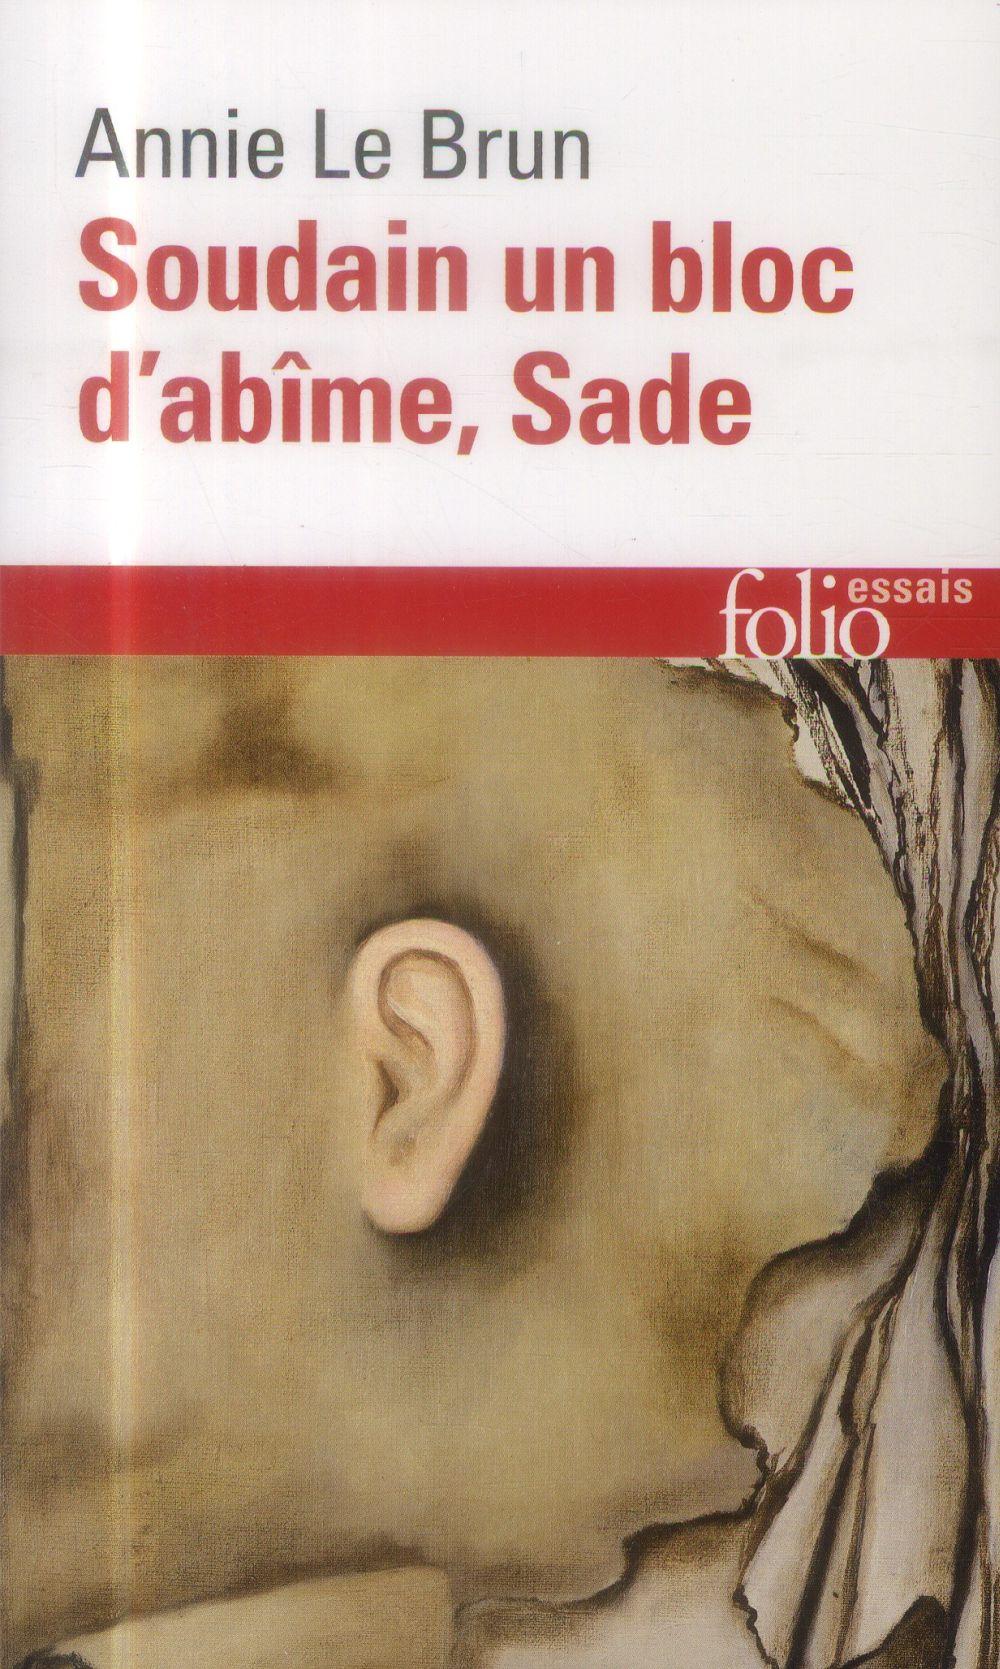 SOUDAIN UN BLOC D'ABIME, SADE